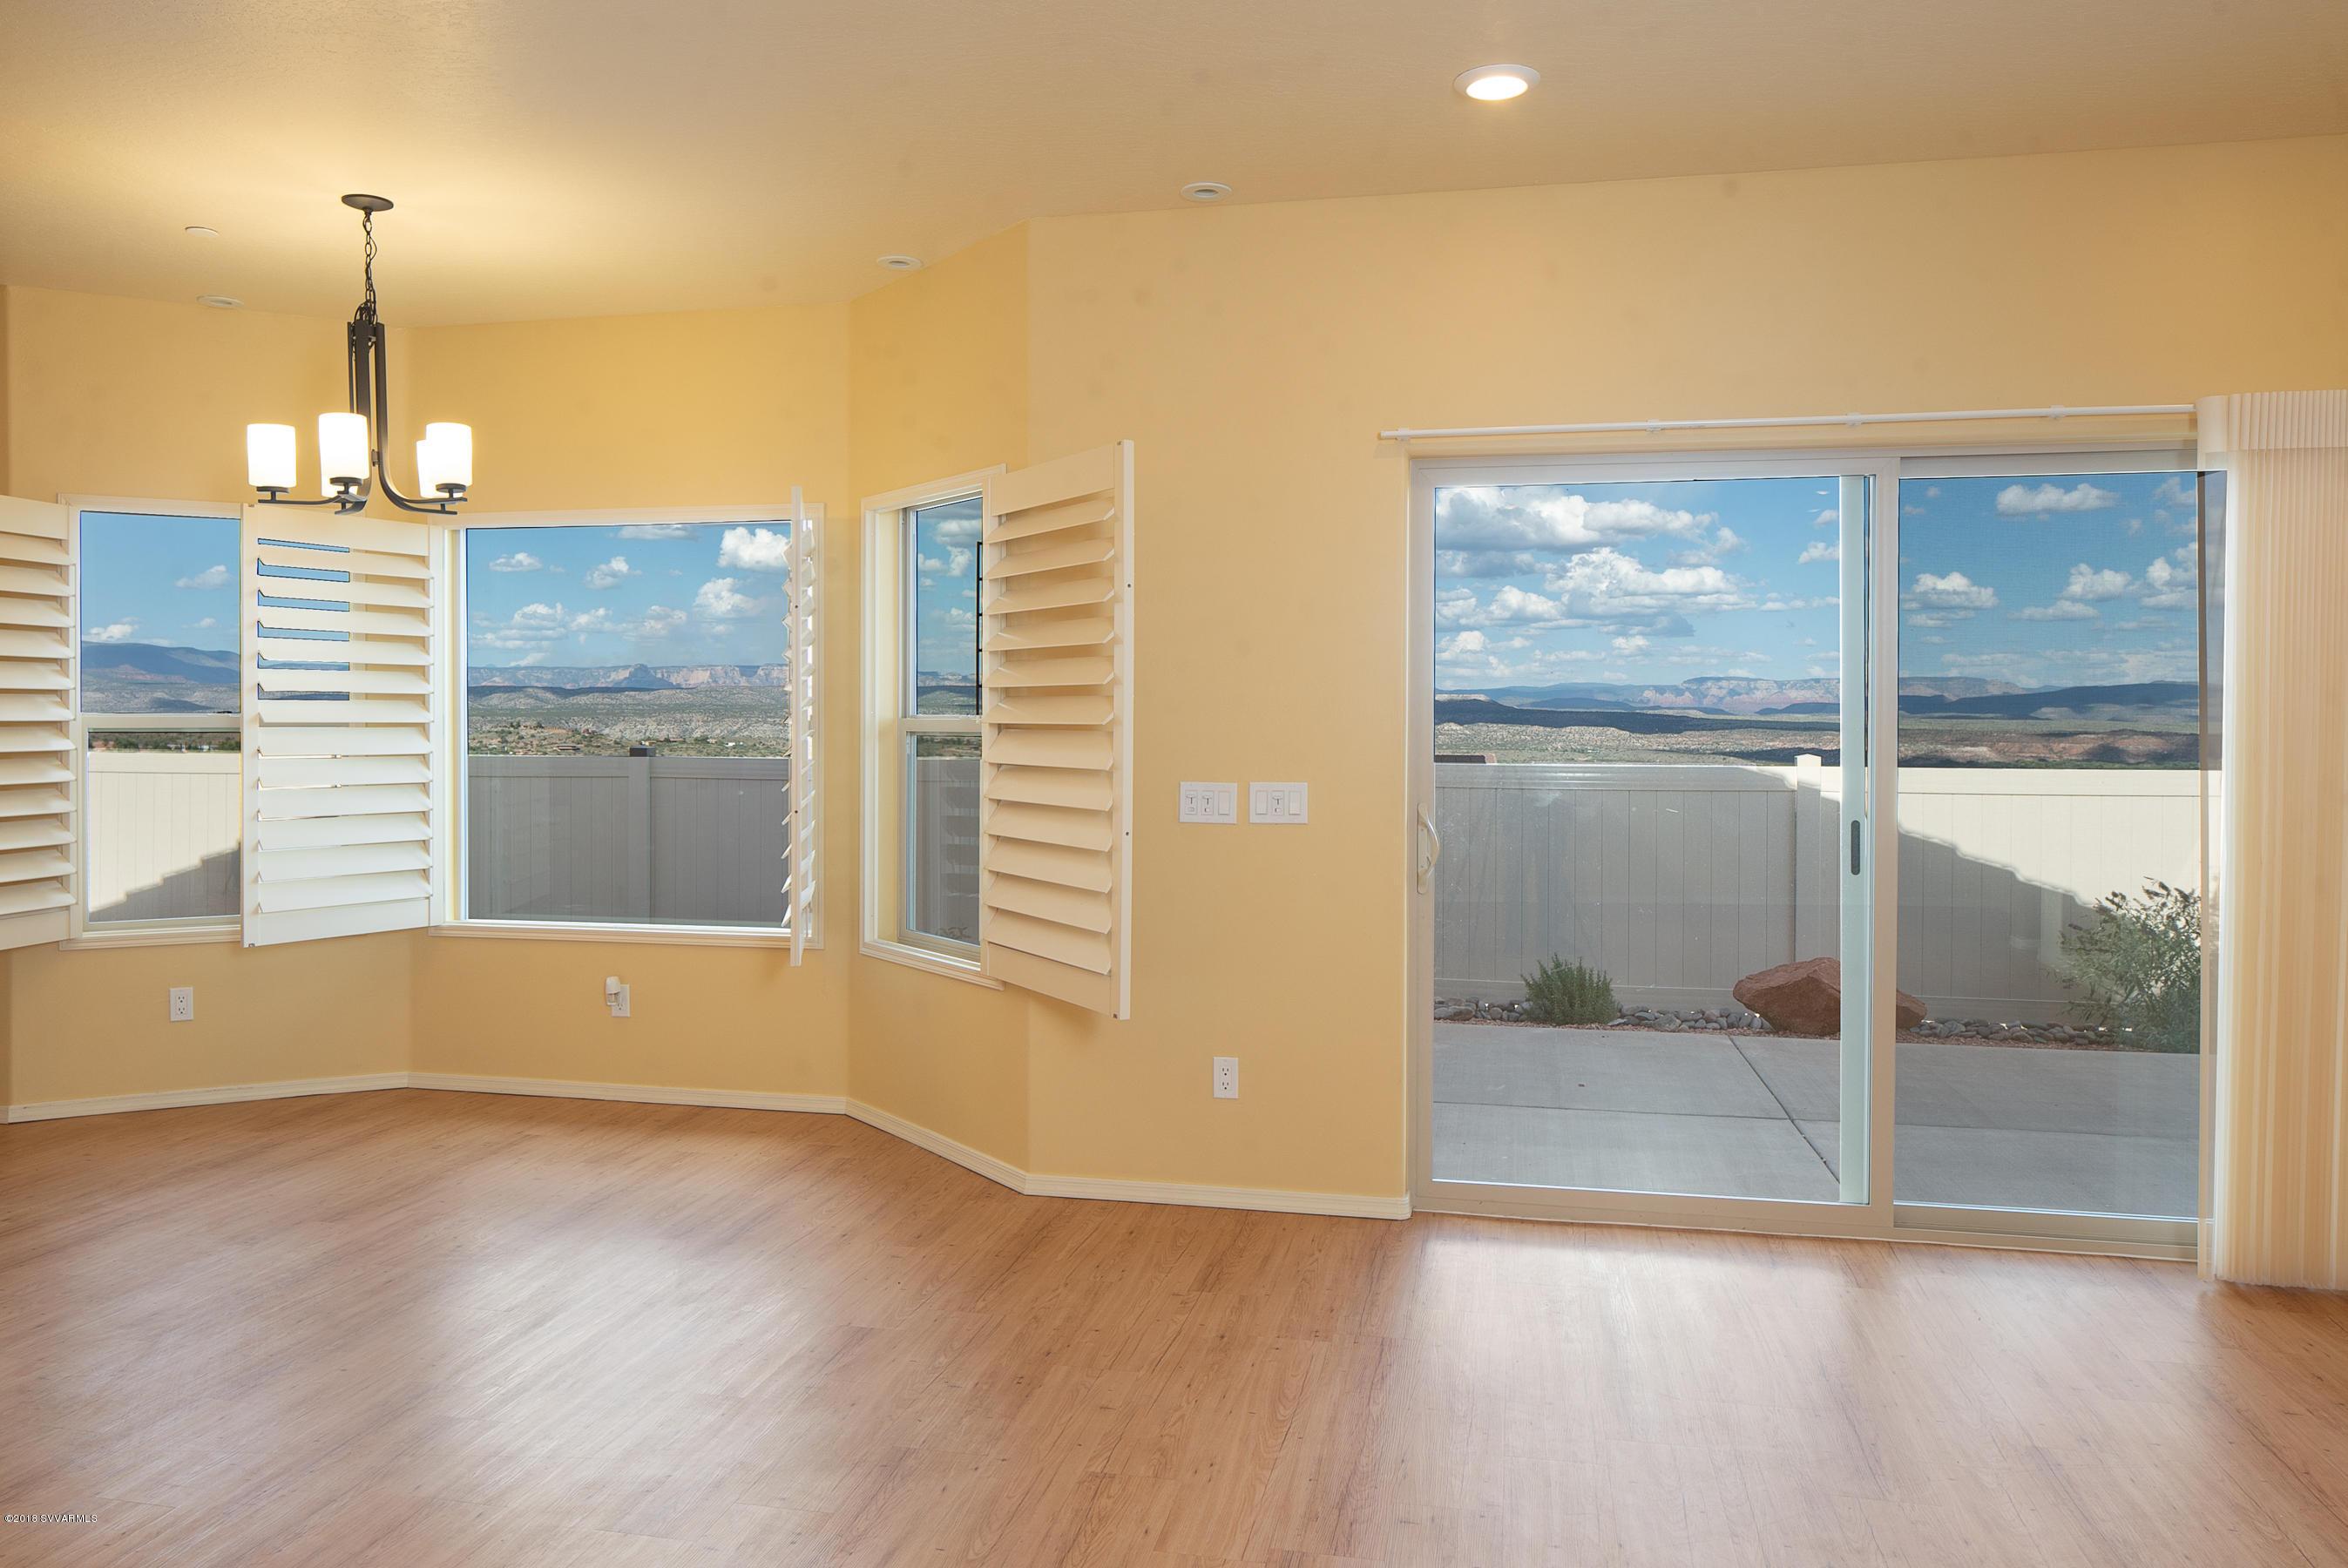 1911 Sable Ridge Rd Clarkdale, AZ 86324